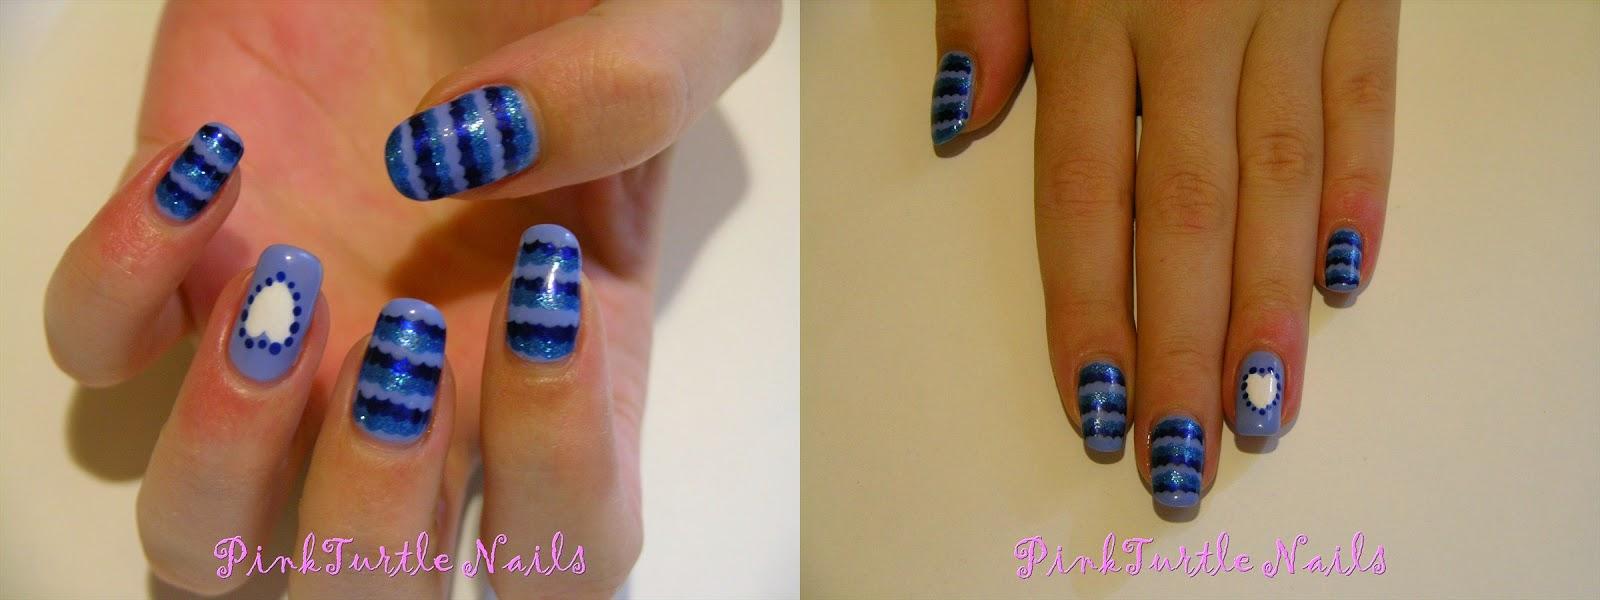 http://pinkturtlenails.blogspot.com.es/2014/10/reto-colores-vol-2-azul_5.html